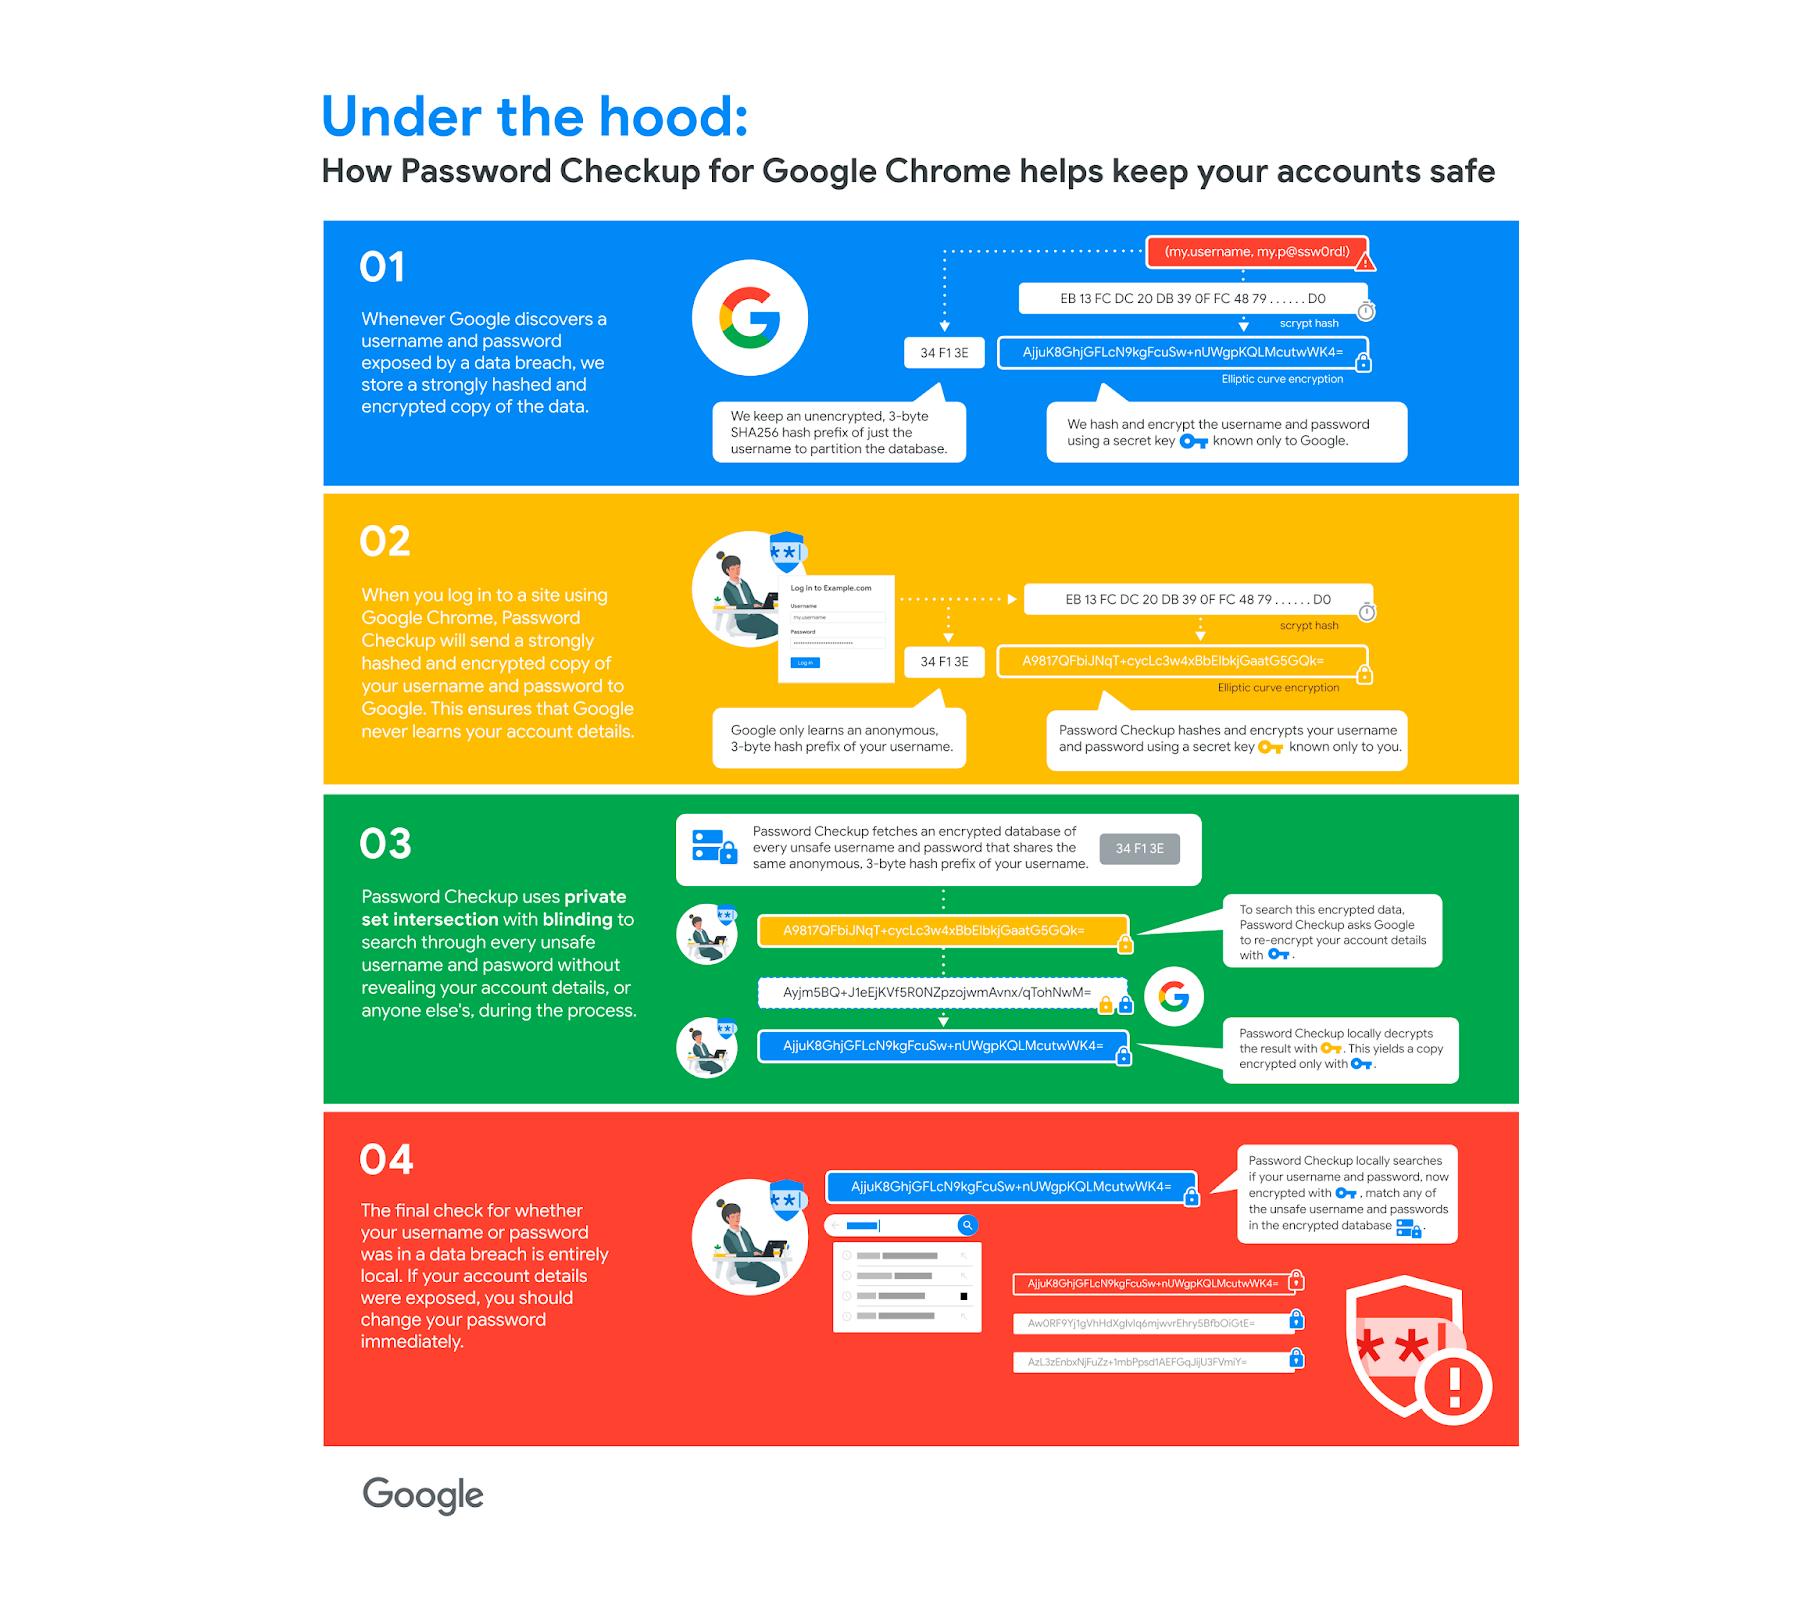 Google er nok klare over at mange vil være skeptiske til personvernet ved å sende passordene sine til en Google-database. Dataene krypteres imidlertid kraftig, og den siste sjekken skjer lokalt på enheten din, opplyser de.